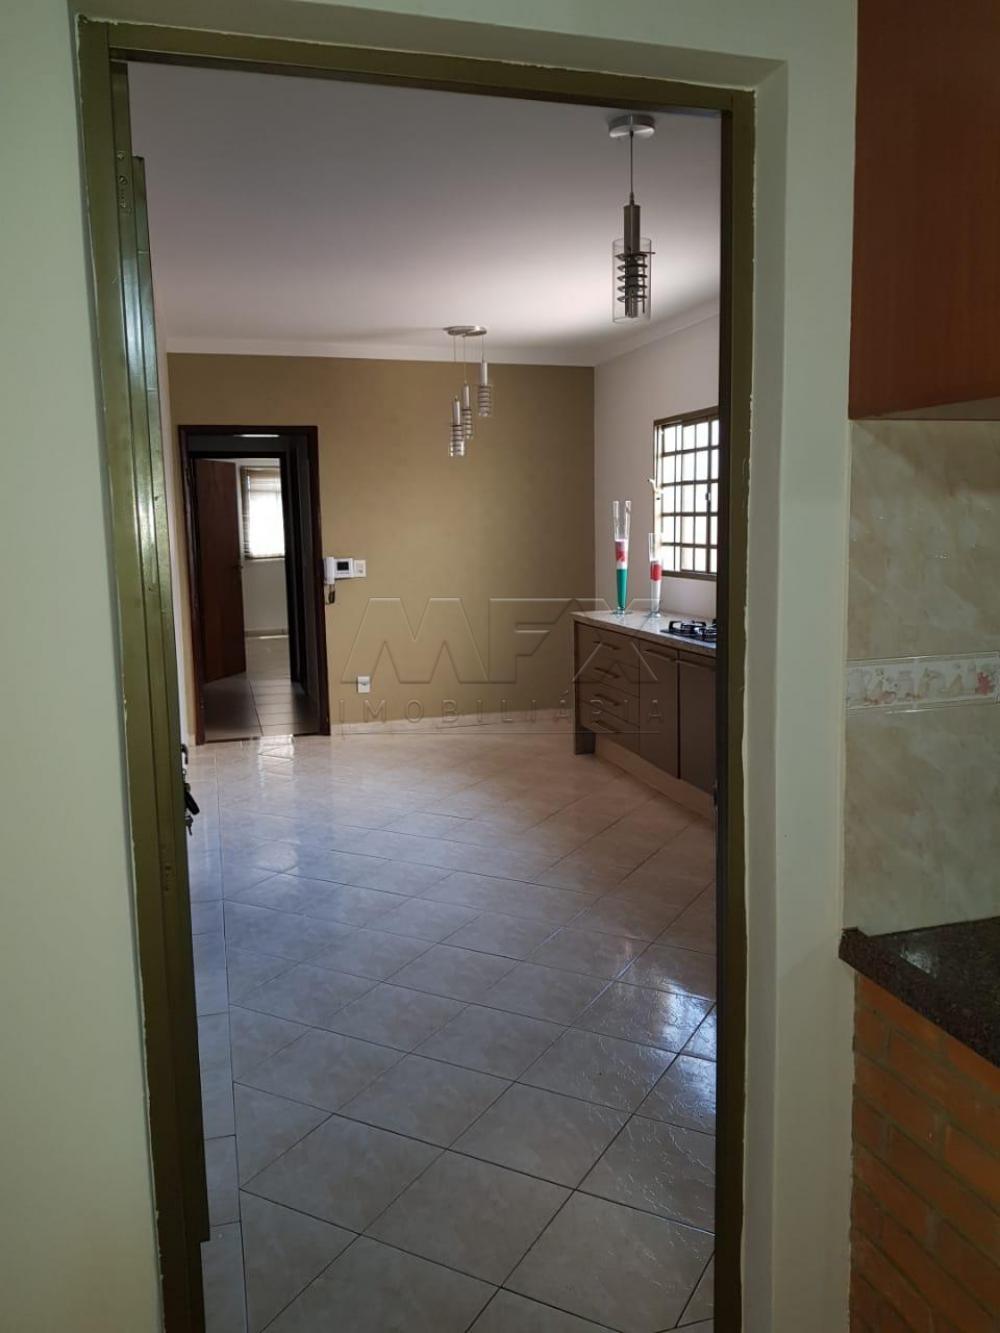 Comprar Casa / Padrão em Bauru apenas R$ 460.000,00 - Foto 12